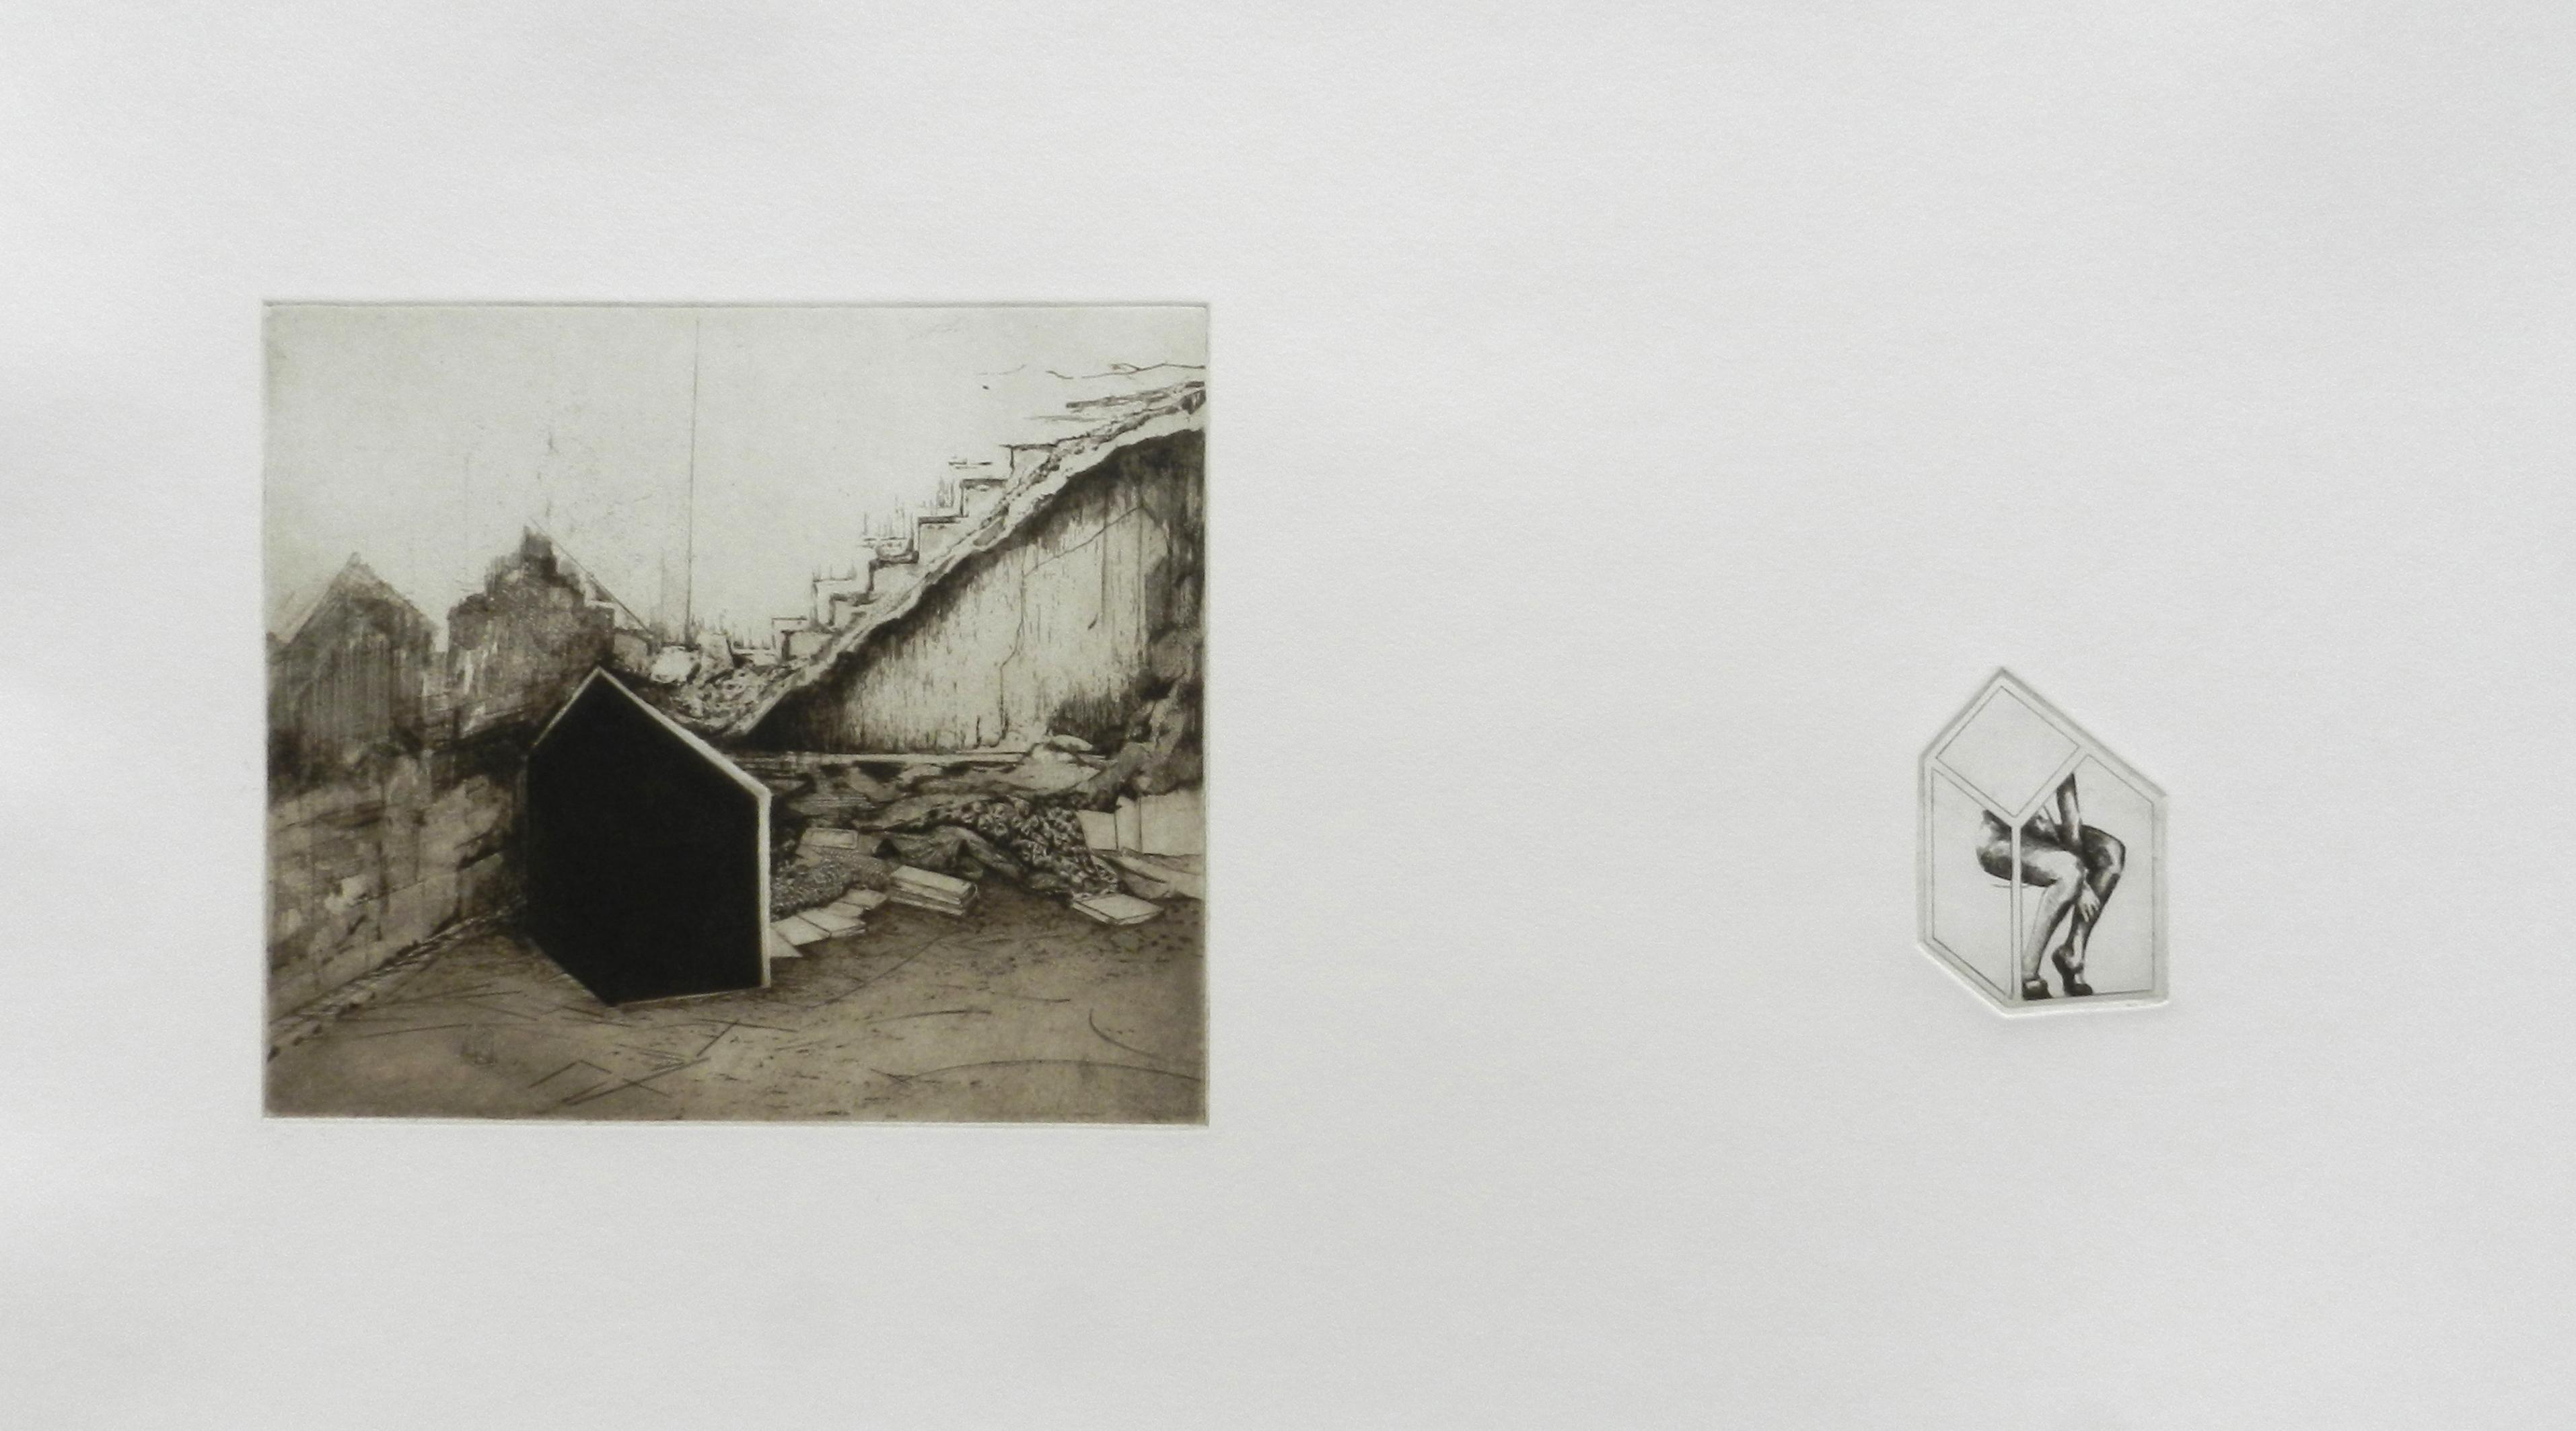 sotano-I-expo-vertigo-2012-obra-grafica-patricia-delgado